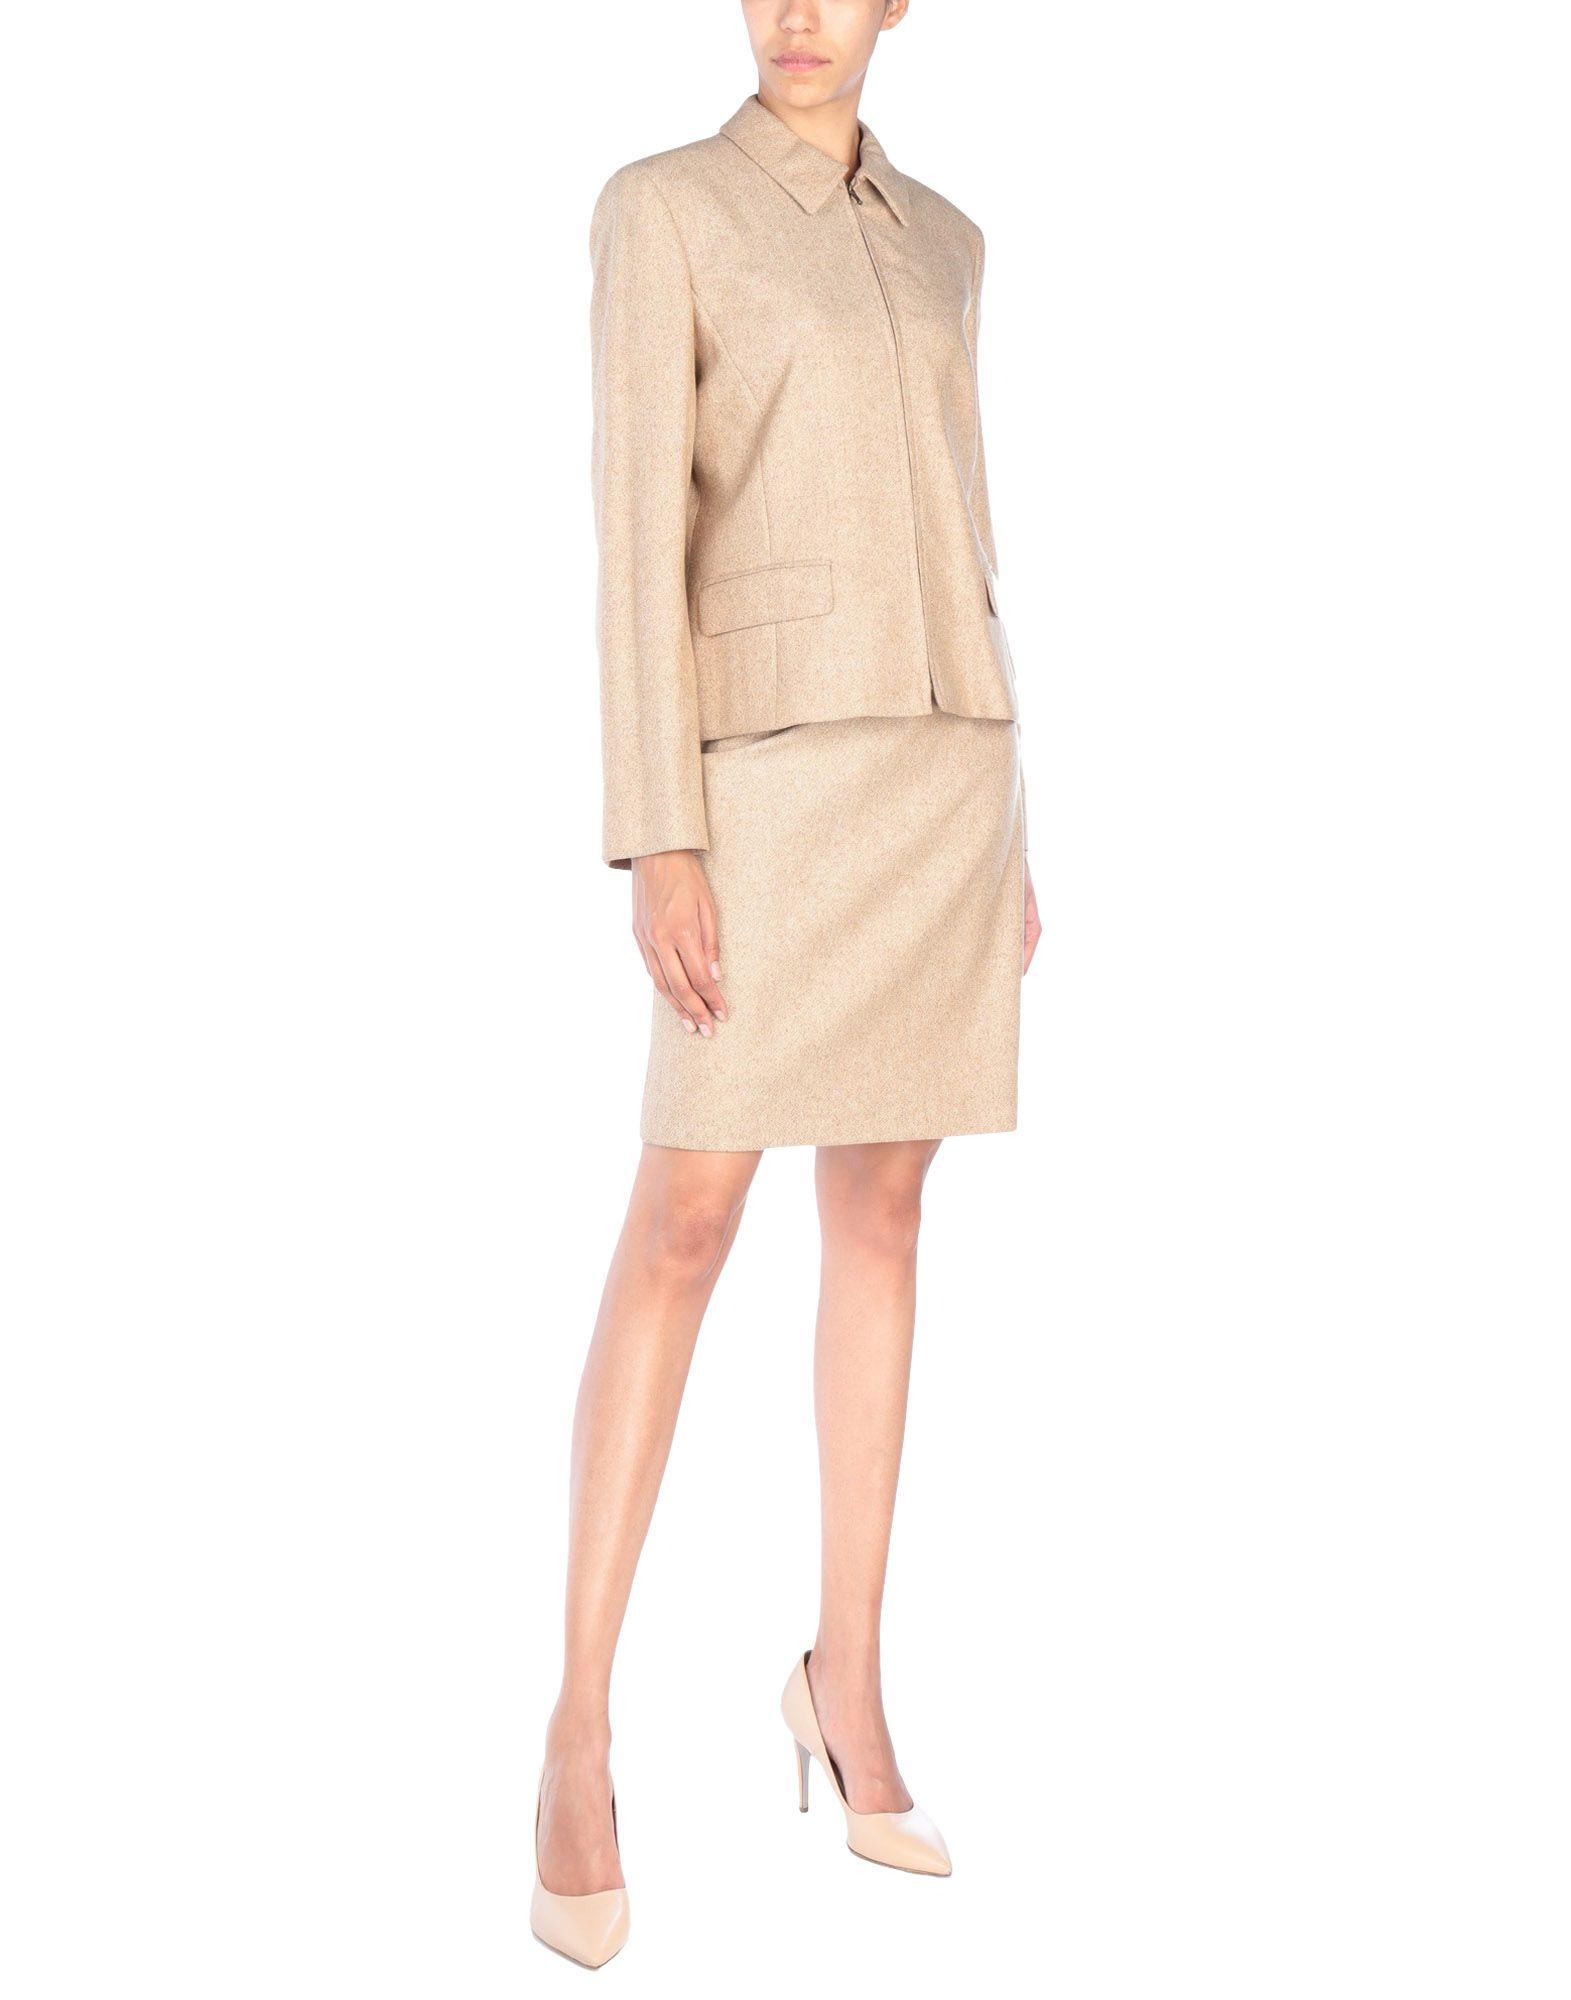 LINEAEMME Классический костюм классический галстук аксессуар robe длинные tie костюм диагональные полосы терилен